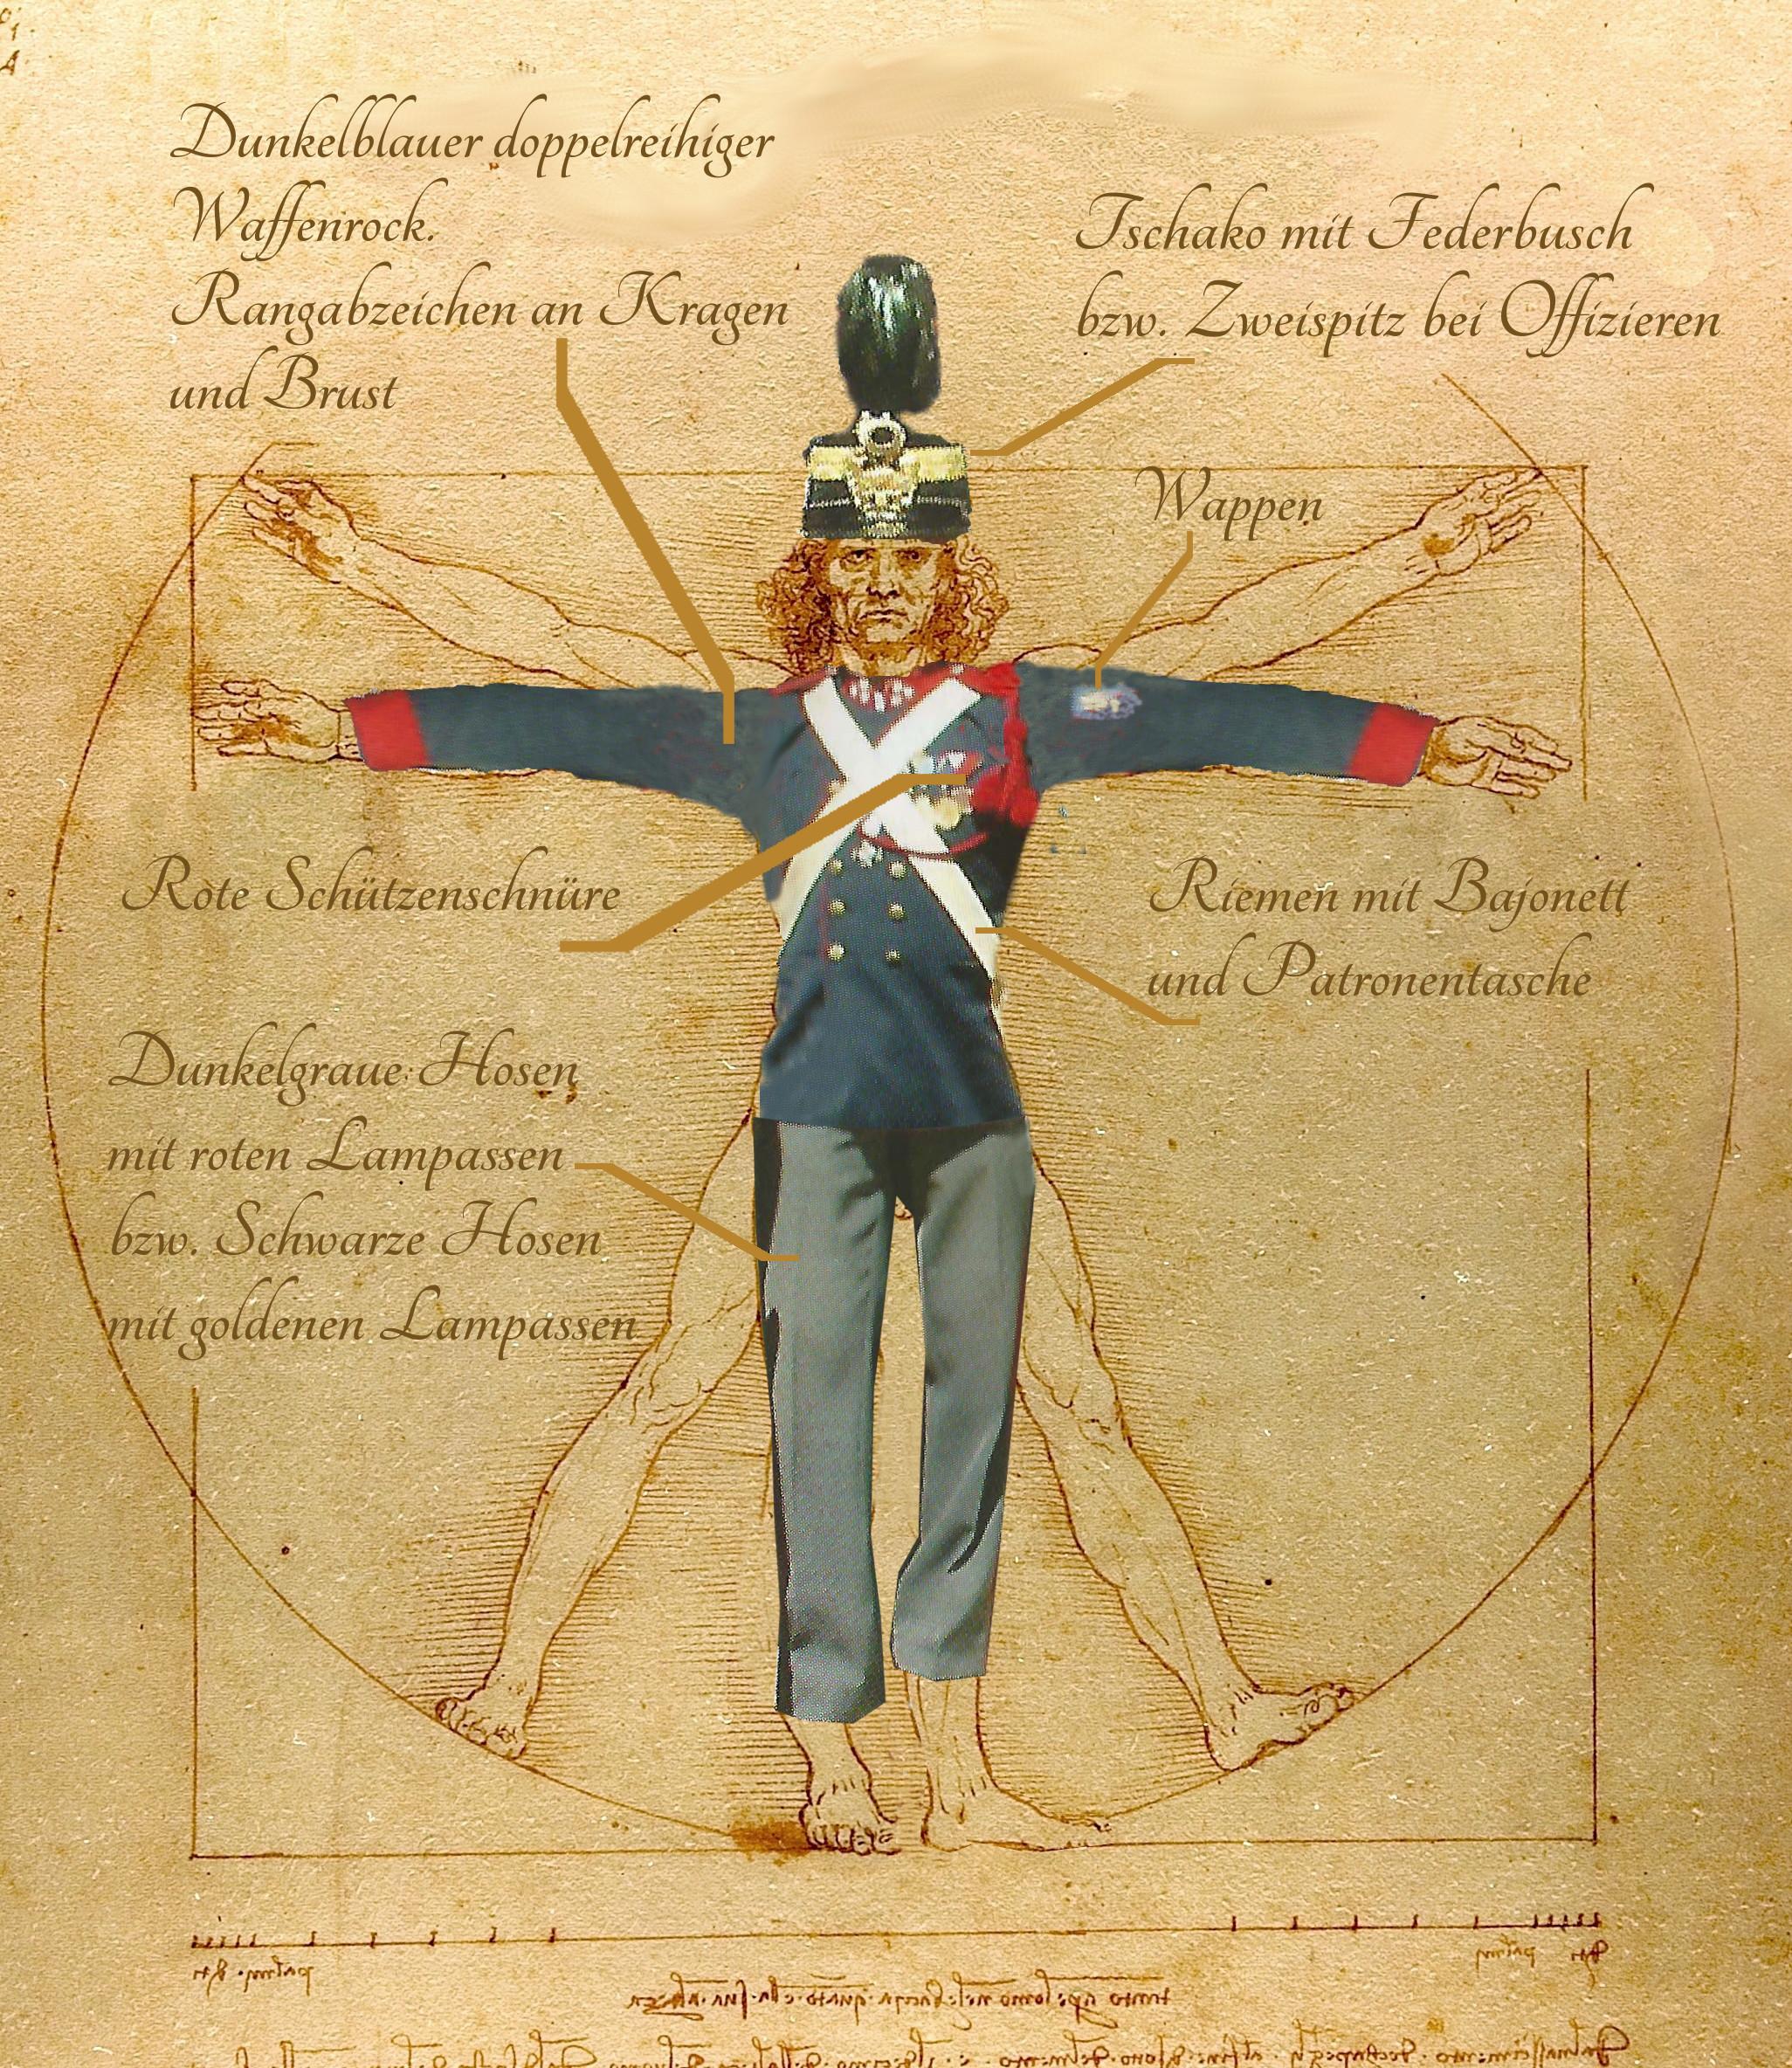 Abbildung der Uniform. Selbes wird im Beitrag beschrieben